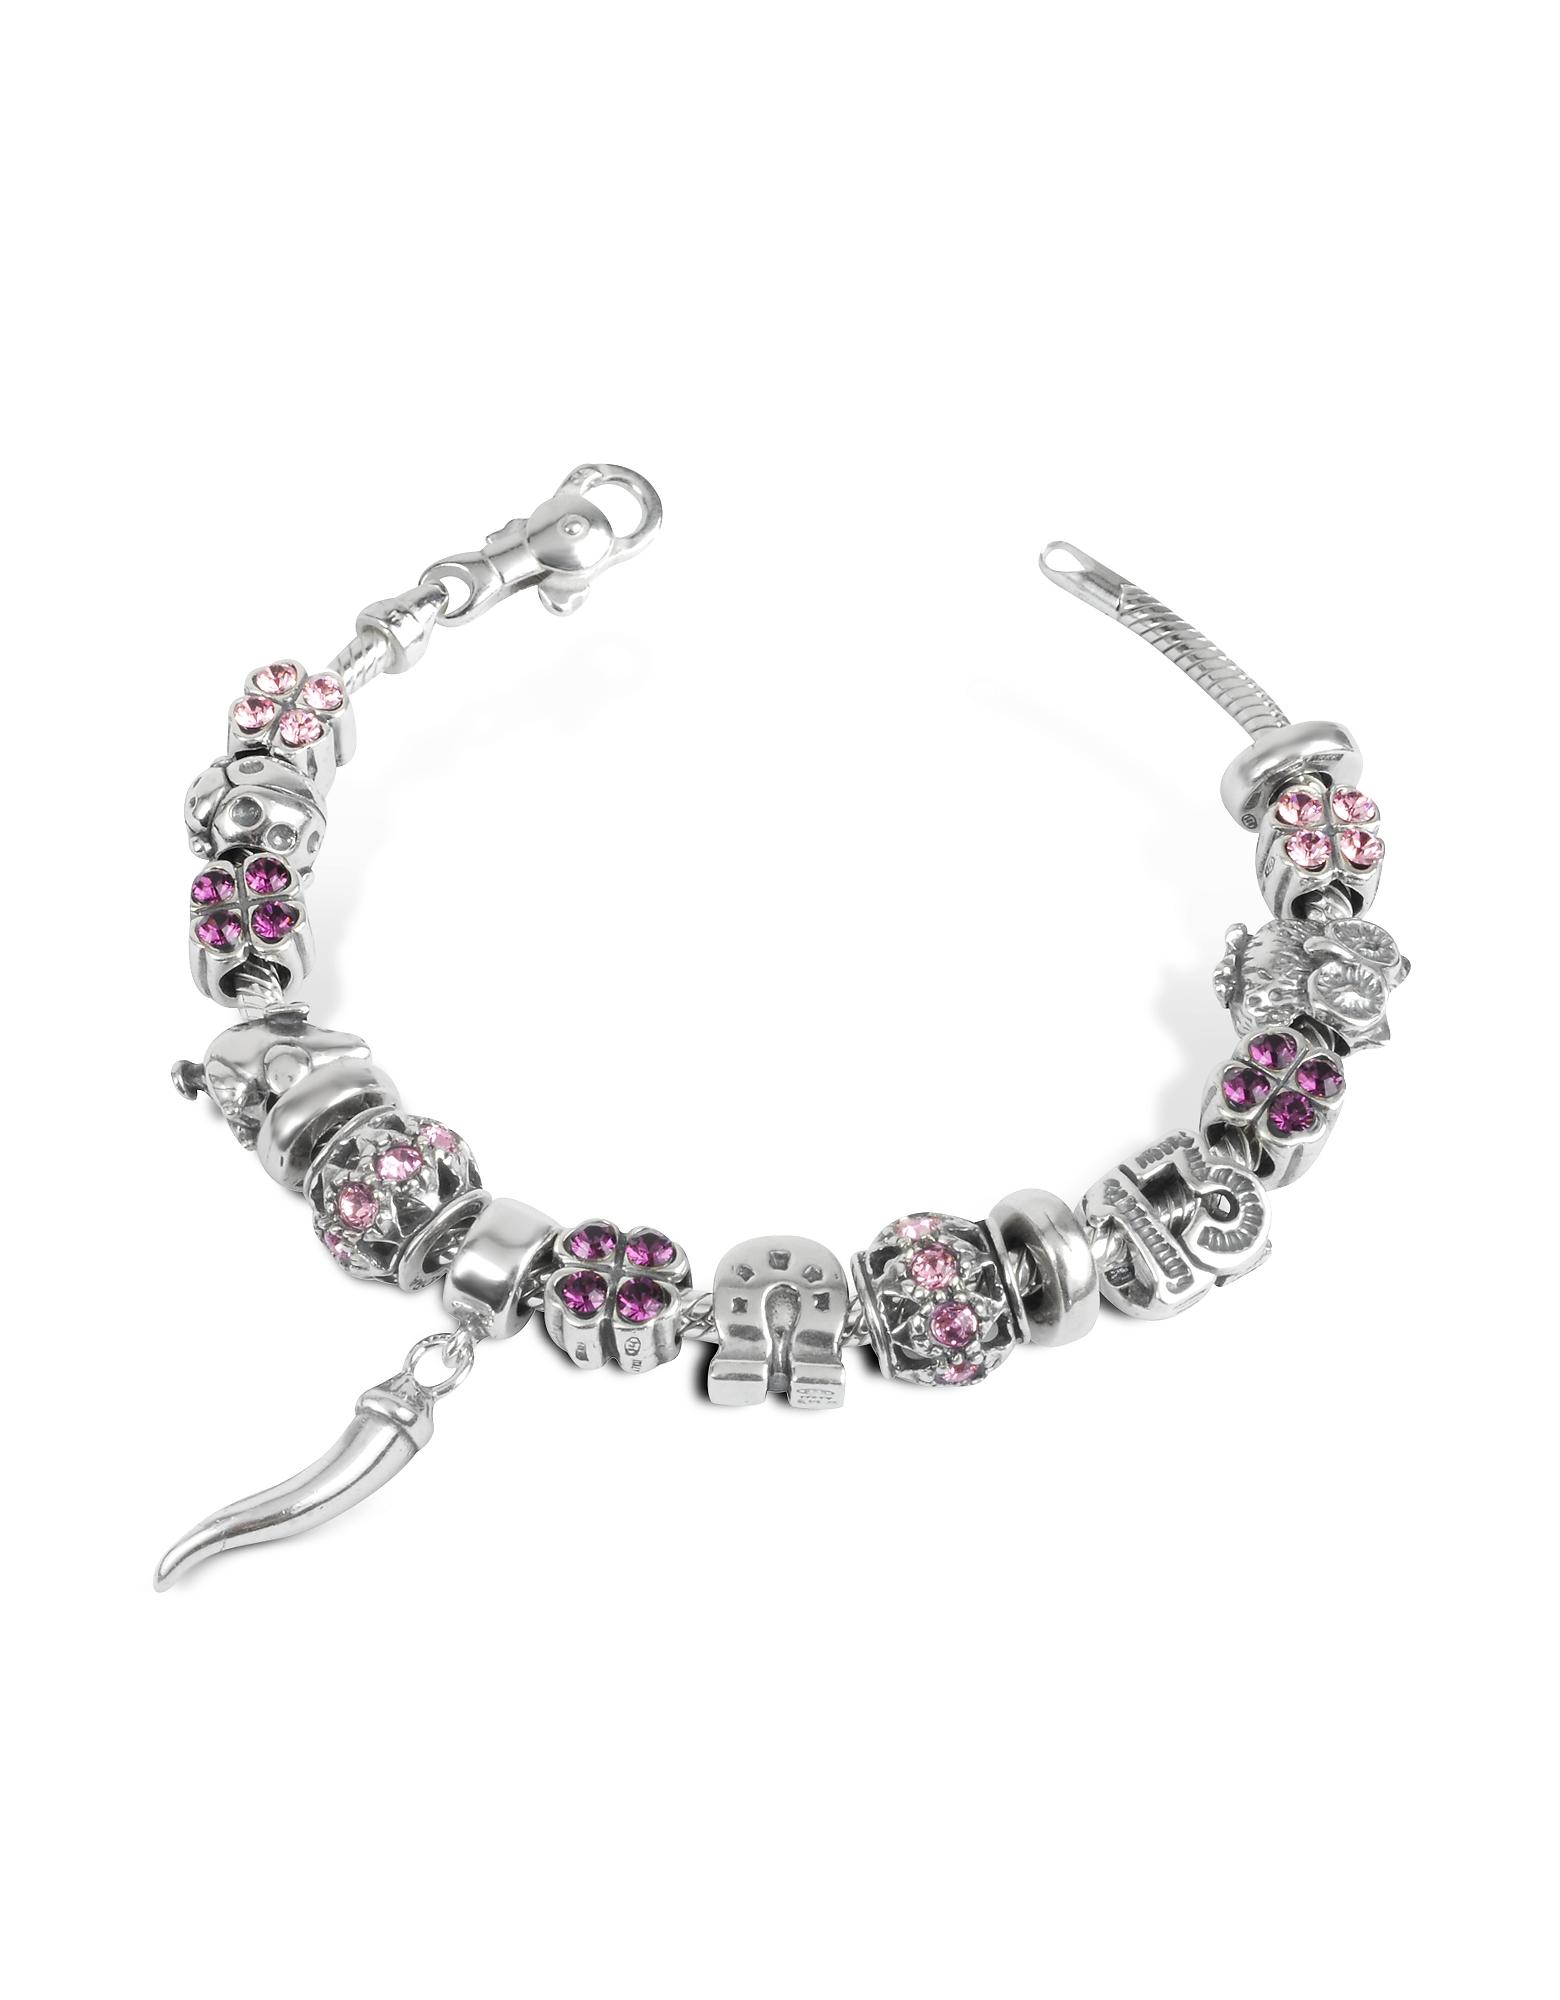 Tedora Bracelets, Sterling Silver Lucky Charm Bracelet